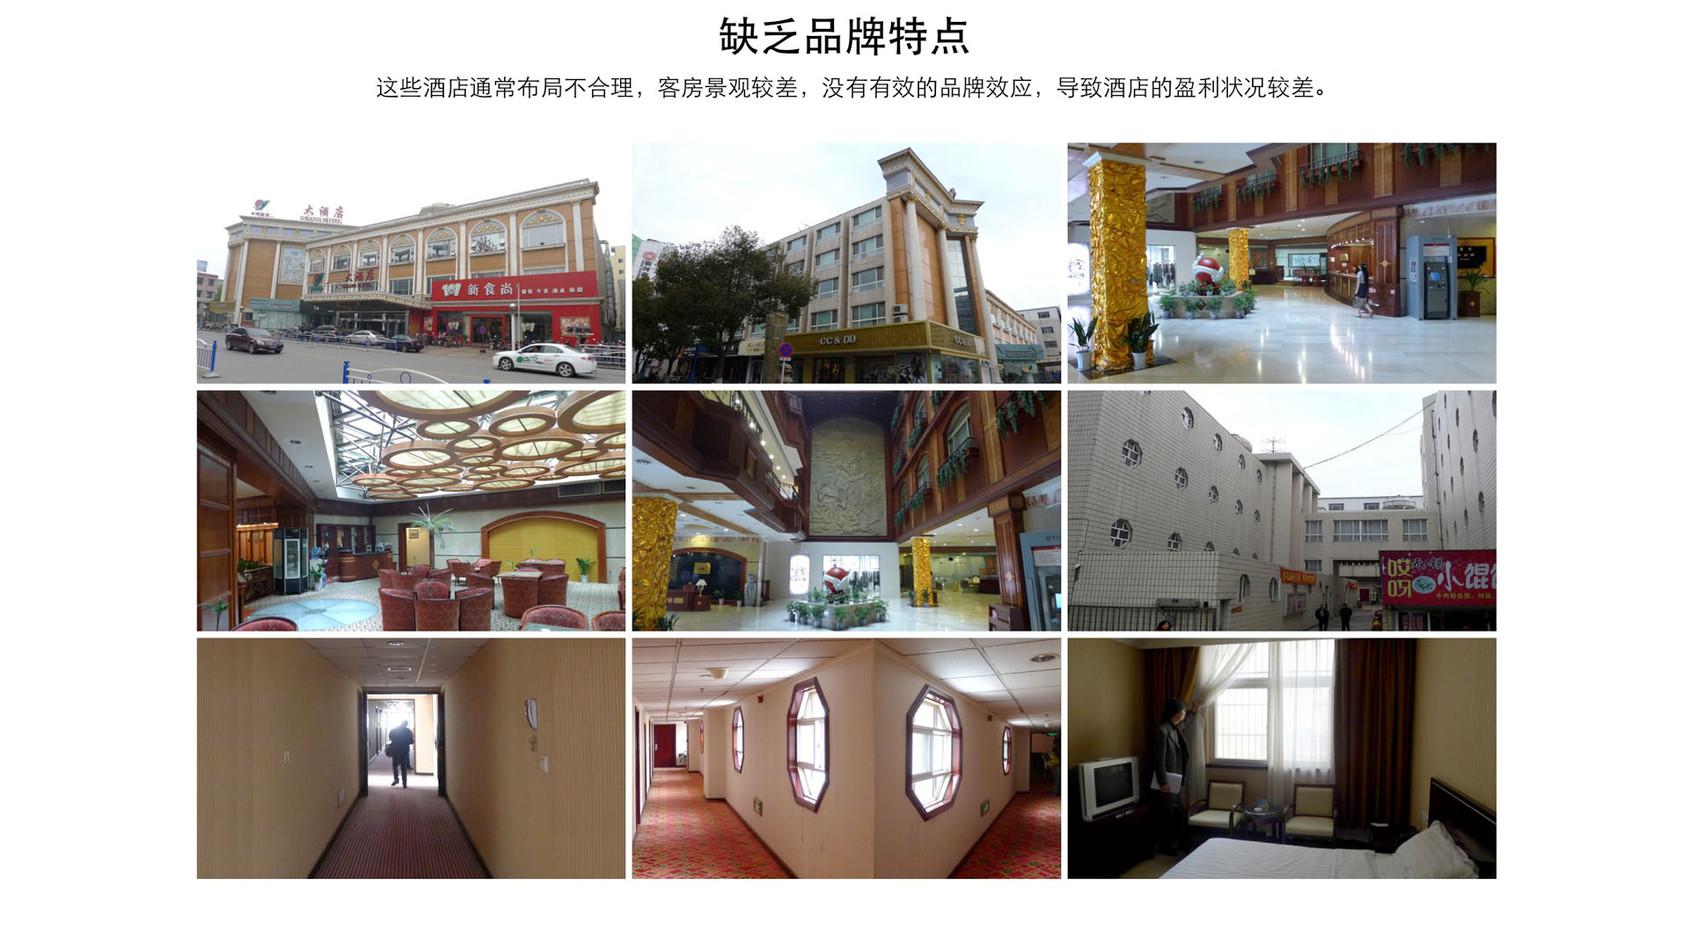 GREEN-AIR-HOTEL_ZH10.jpg